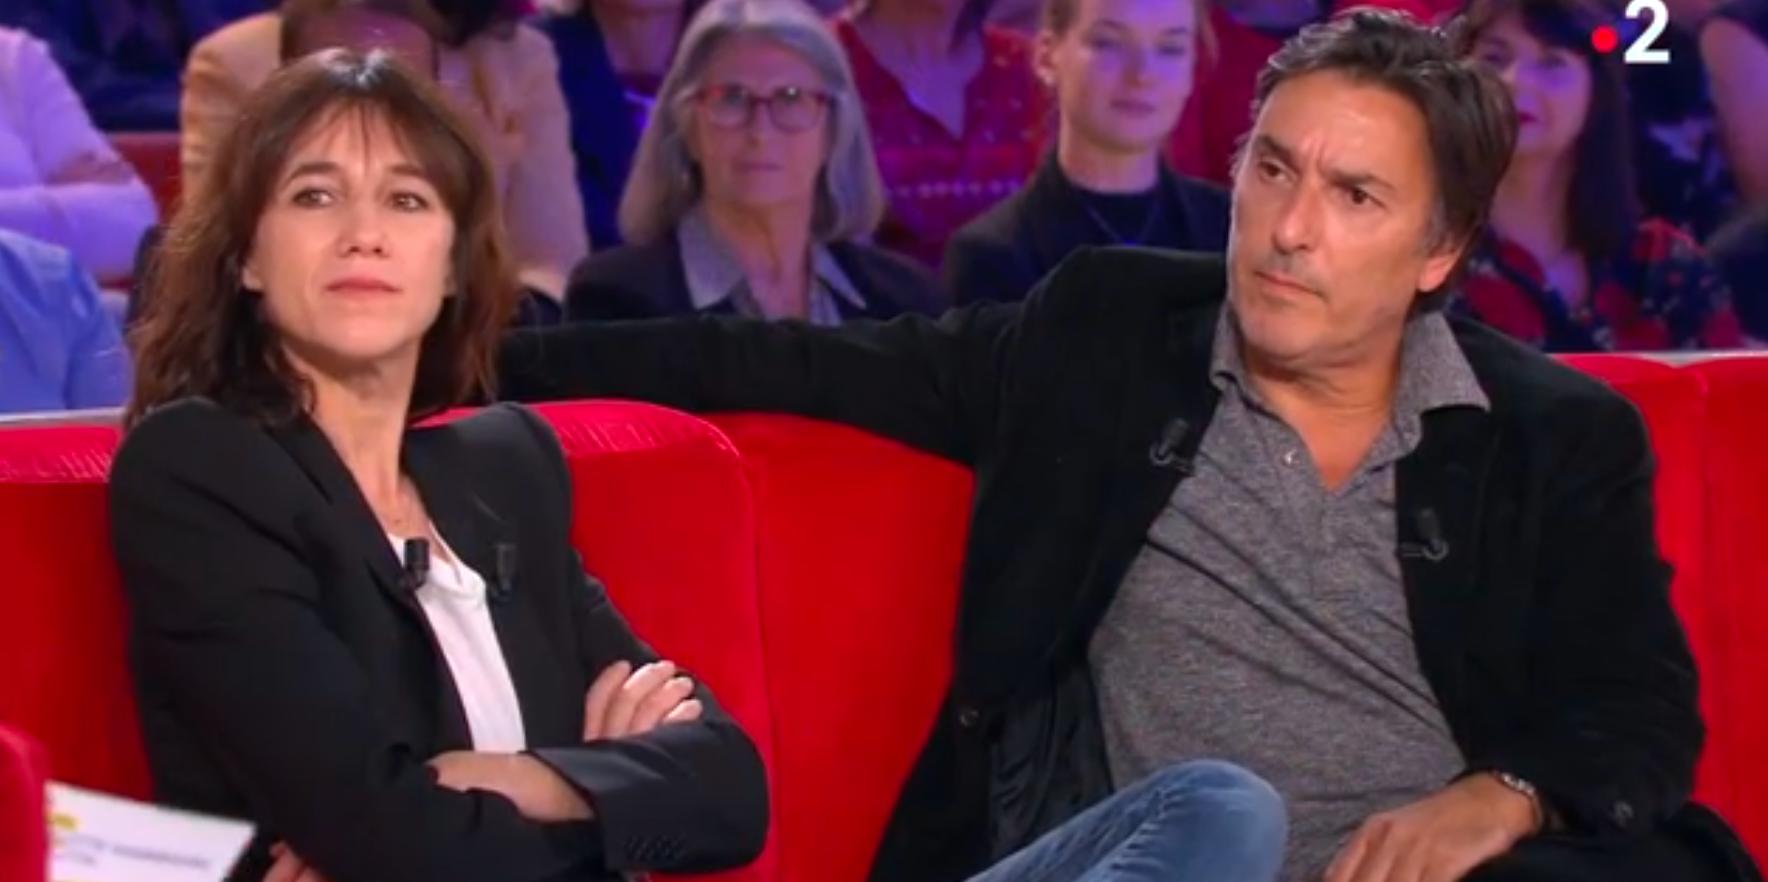 VIDEO Charlotte Gainsbourg en colère contre Yvan Attal, elle enchaîne les reproches